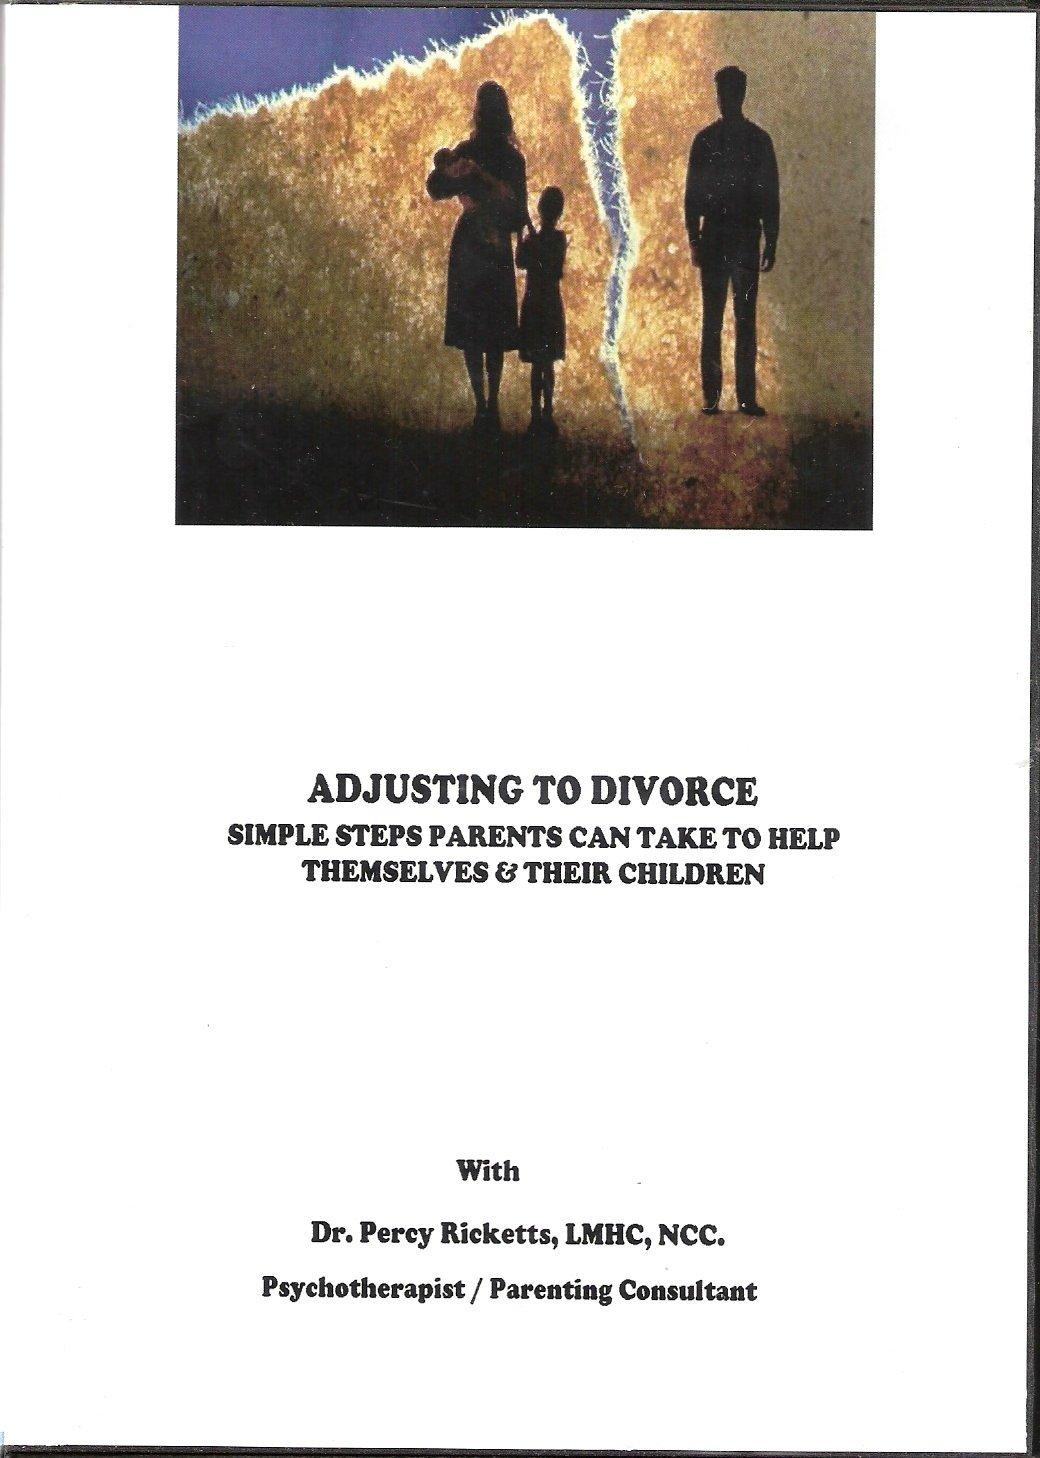 Adjusting To Divorce DVD